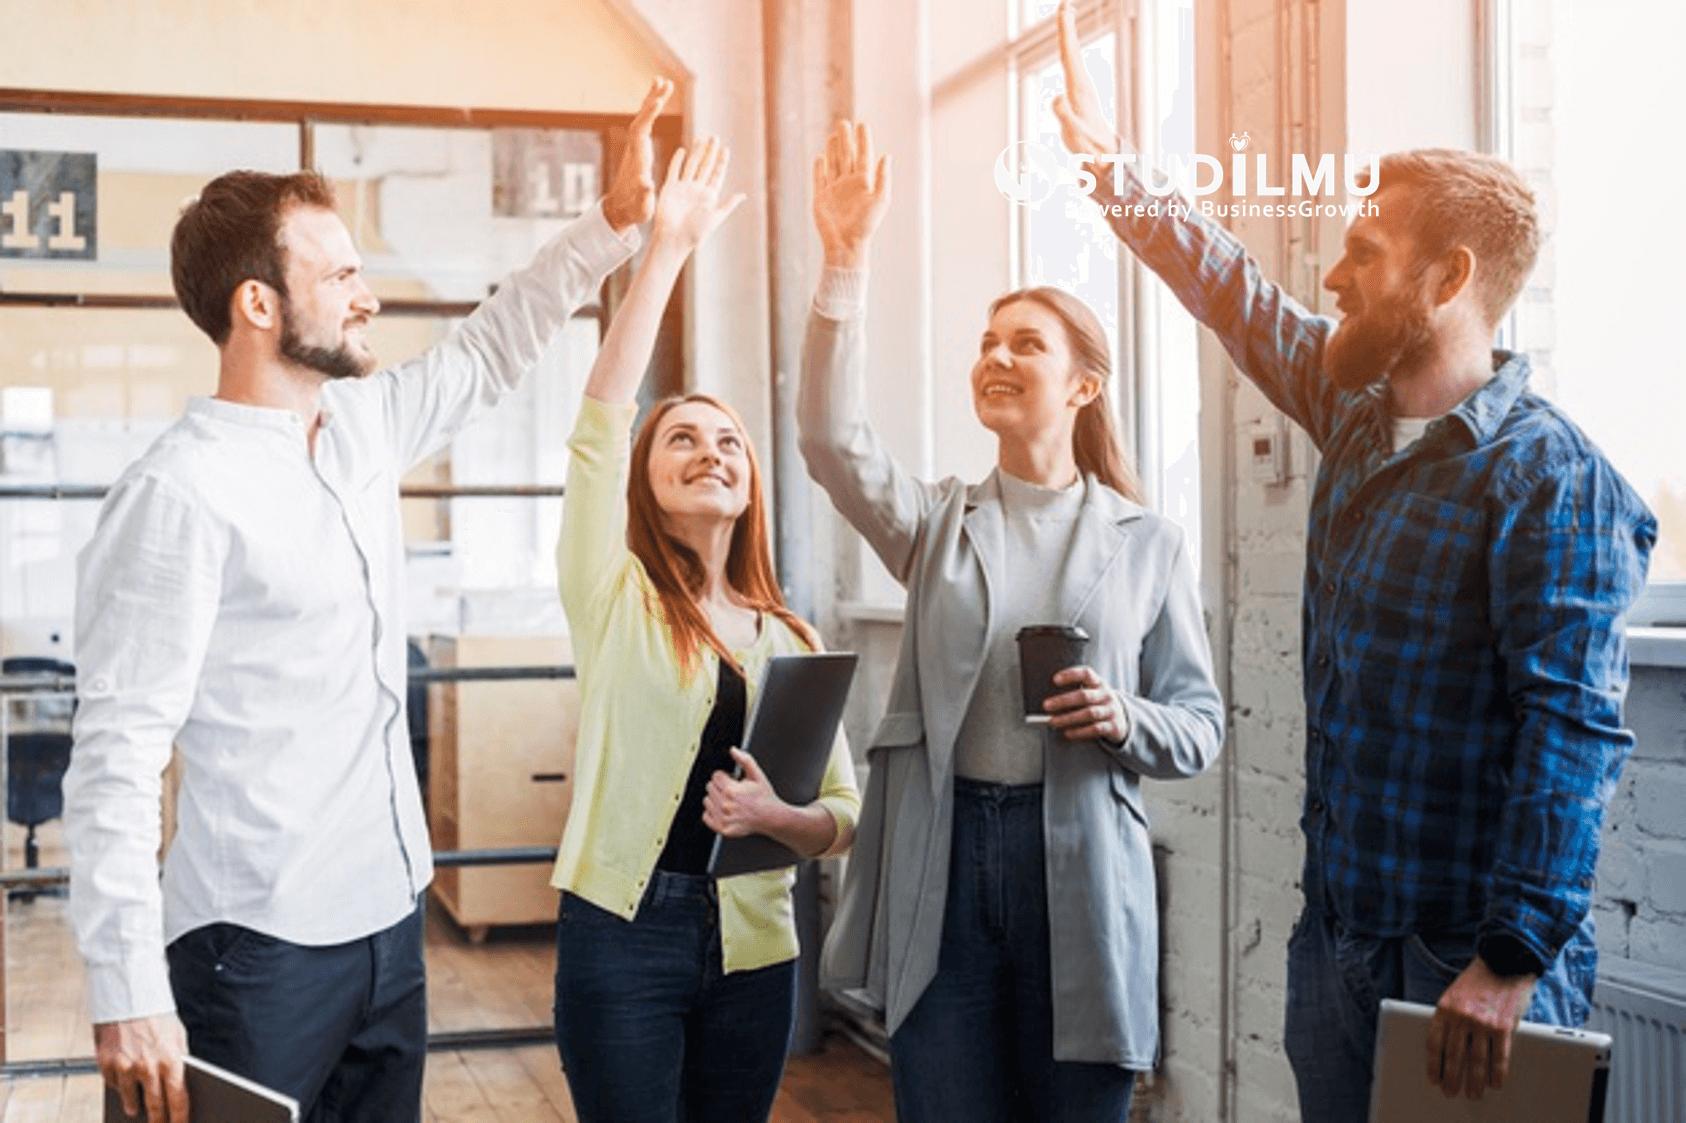 STUDILMU Career Advice - 3 Manfaat Pengembangan Diri dapat Mengubah Hidup